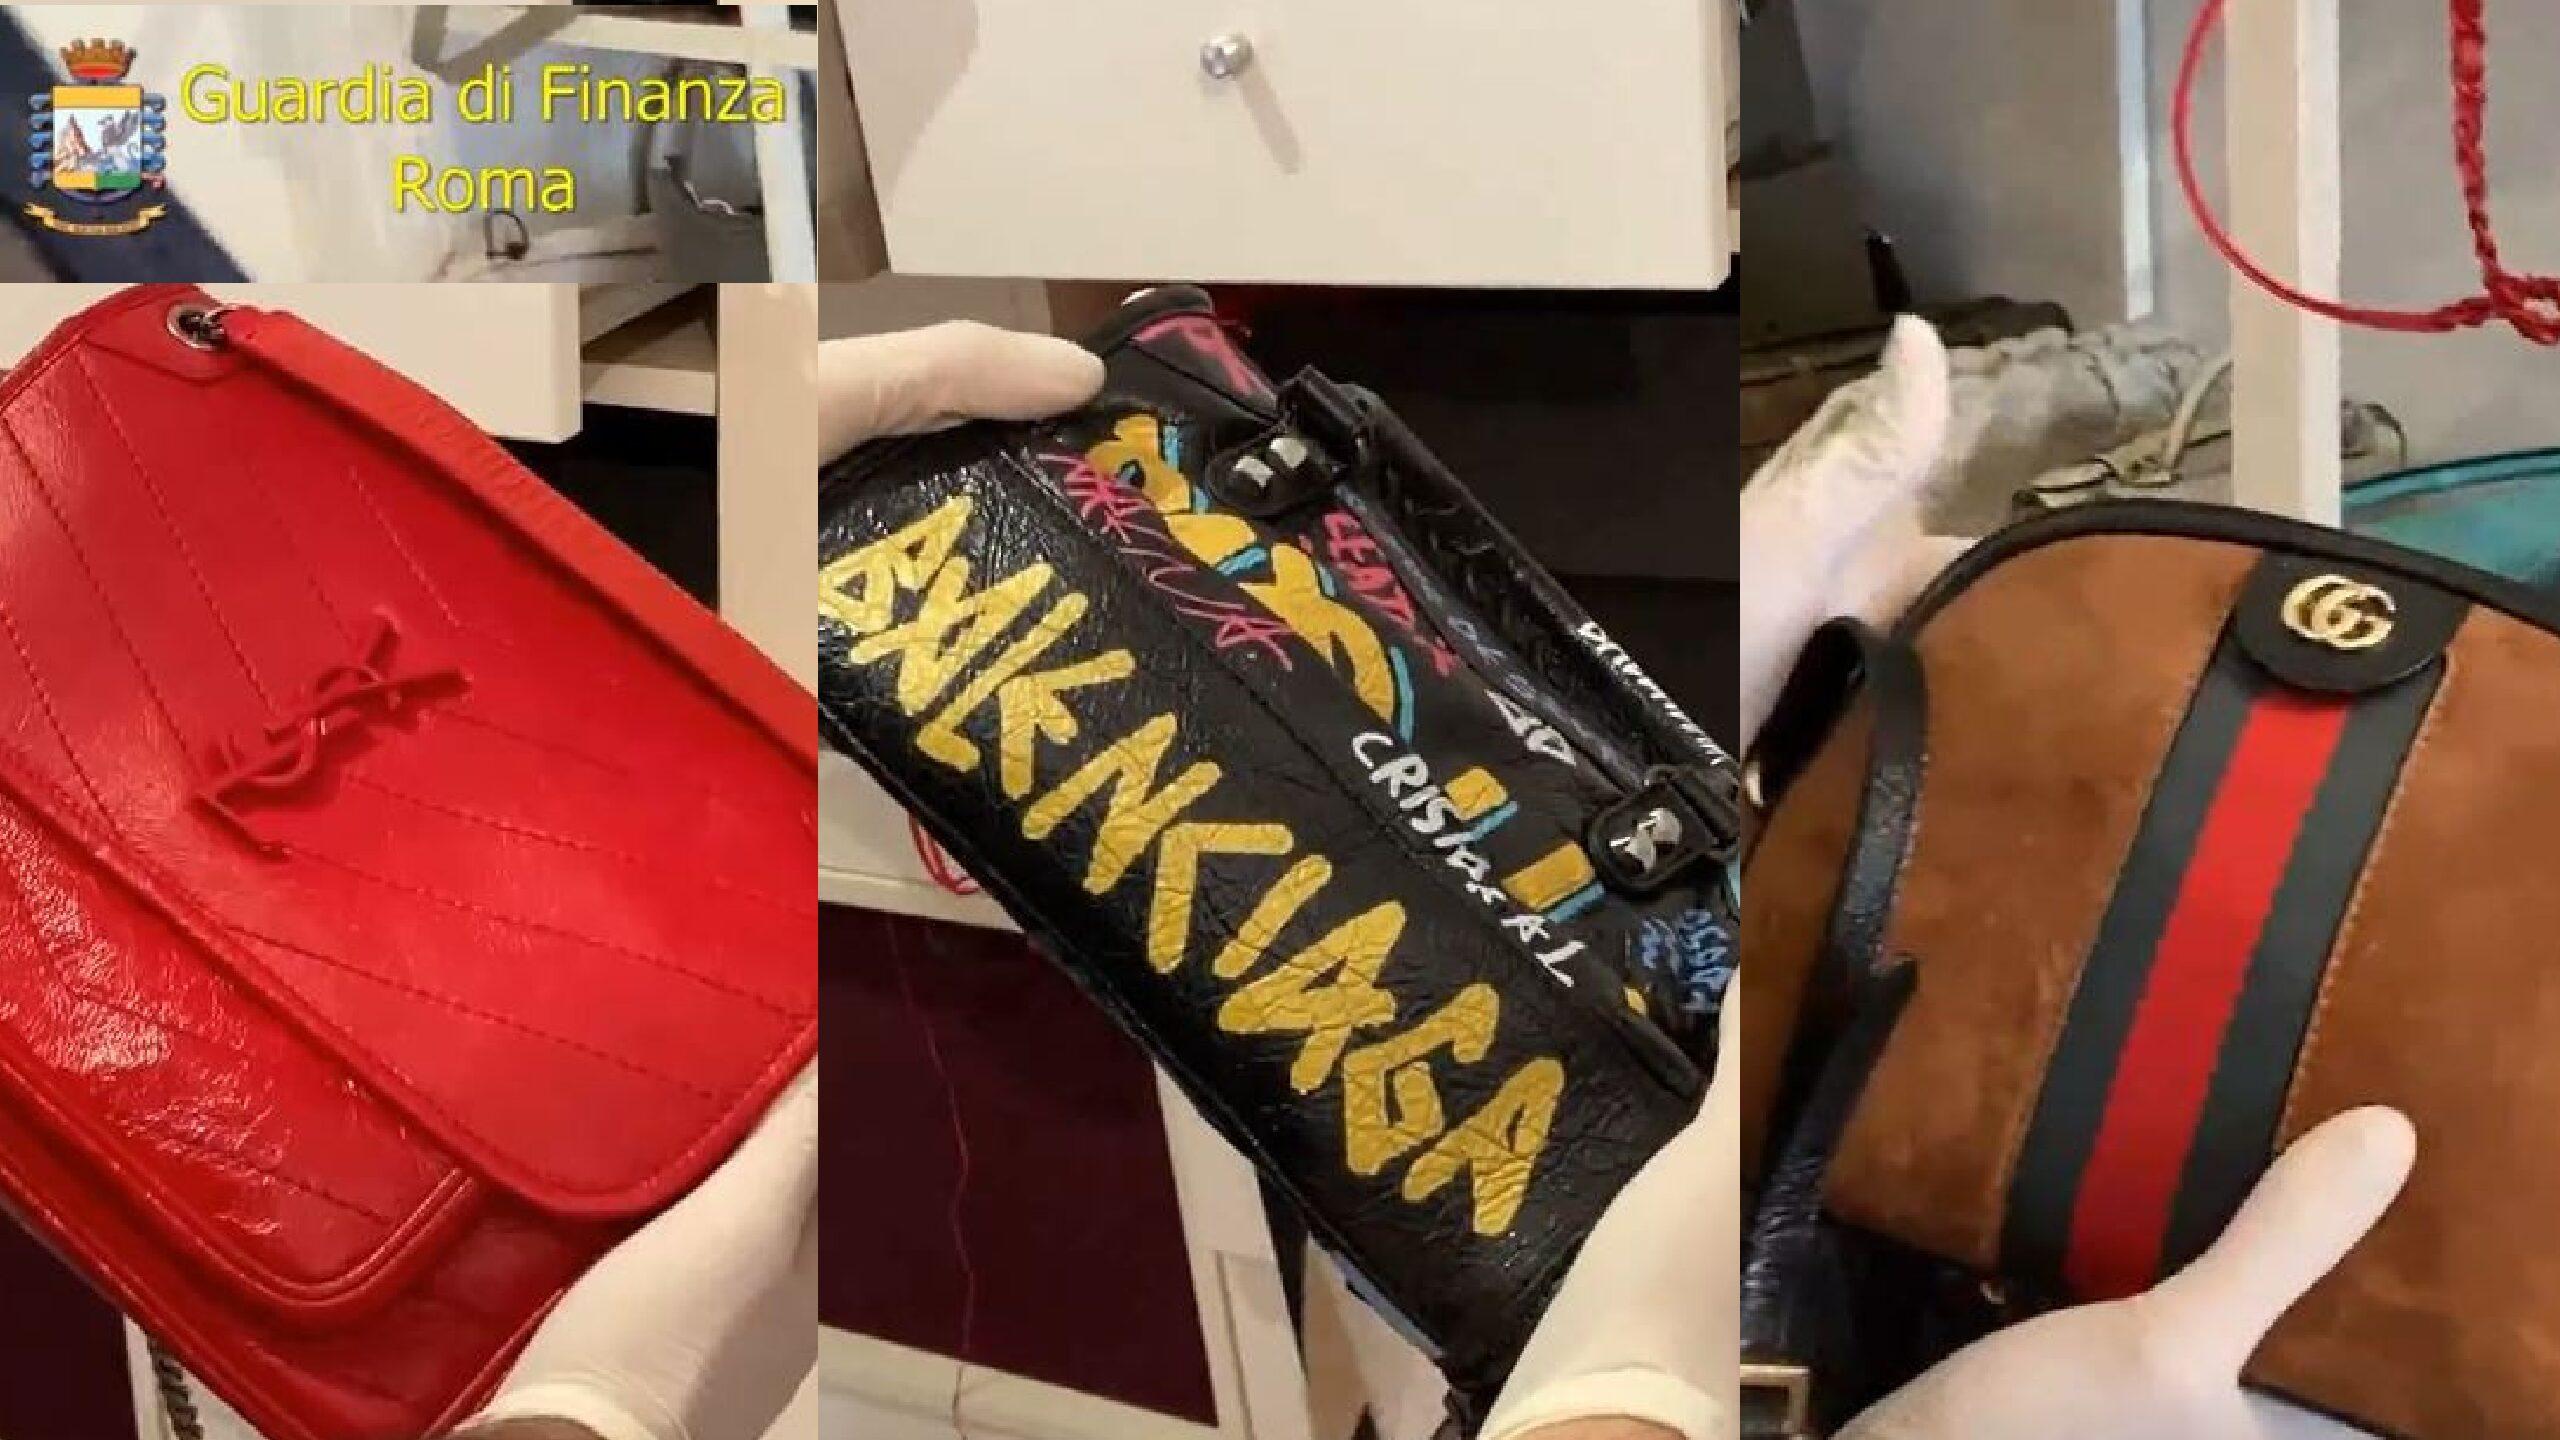 Boutique del falso nella Roma bene con affari da 850mila euro. Tra i clienti vip e nomi dello spettacolo